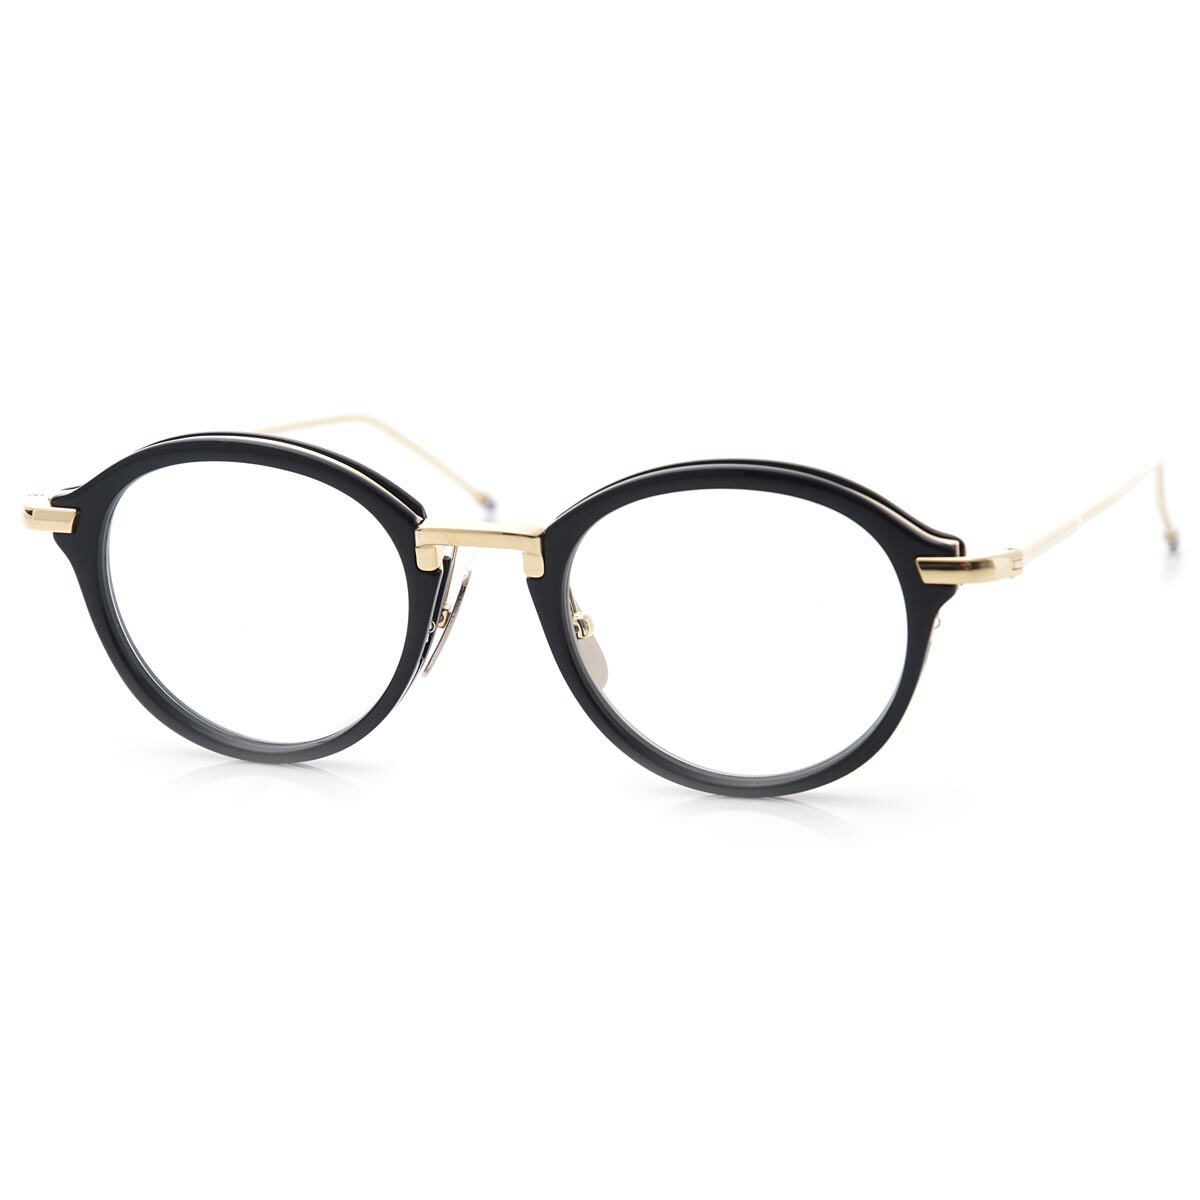 dd371a6fe59 Thom Browne Eyewear History - eyewear near me